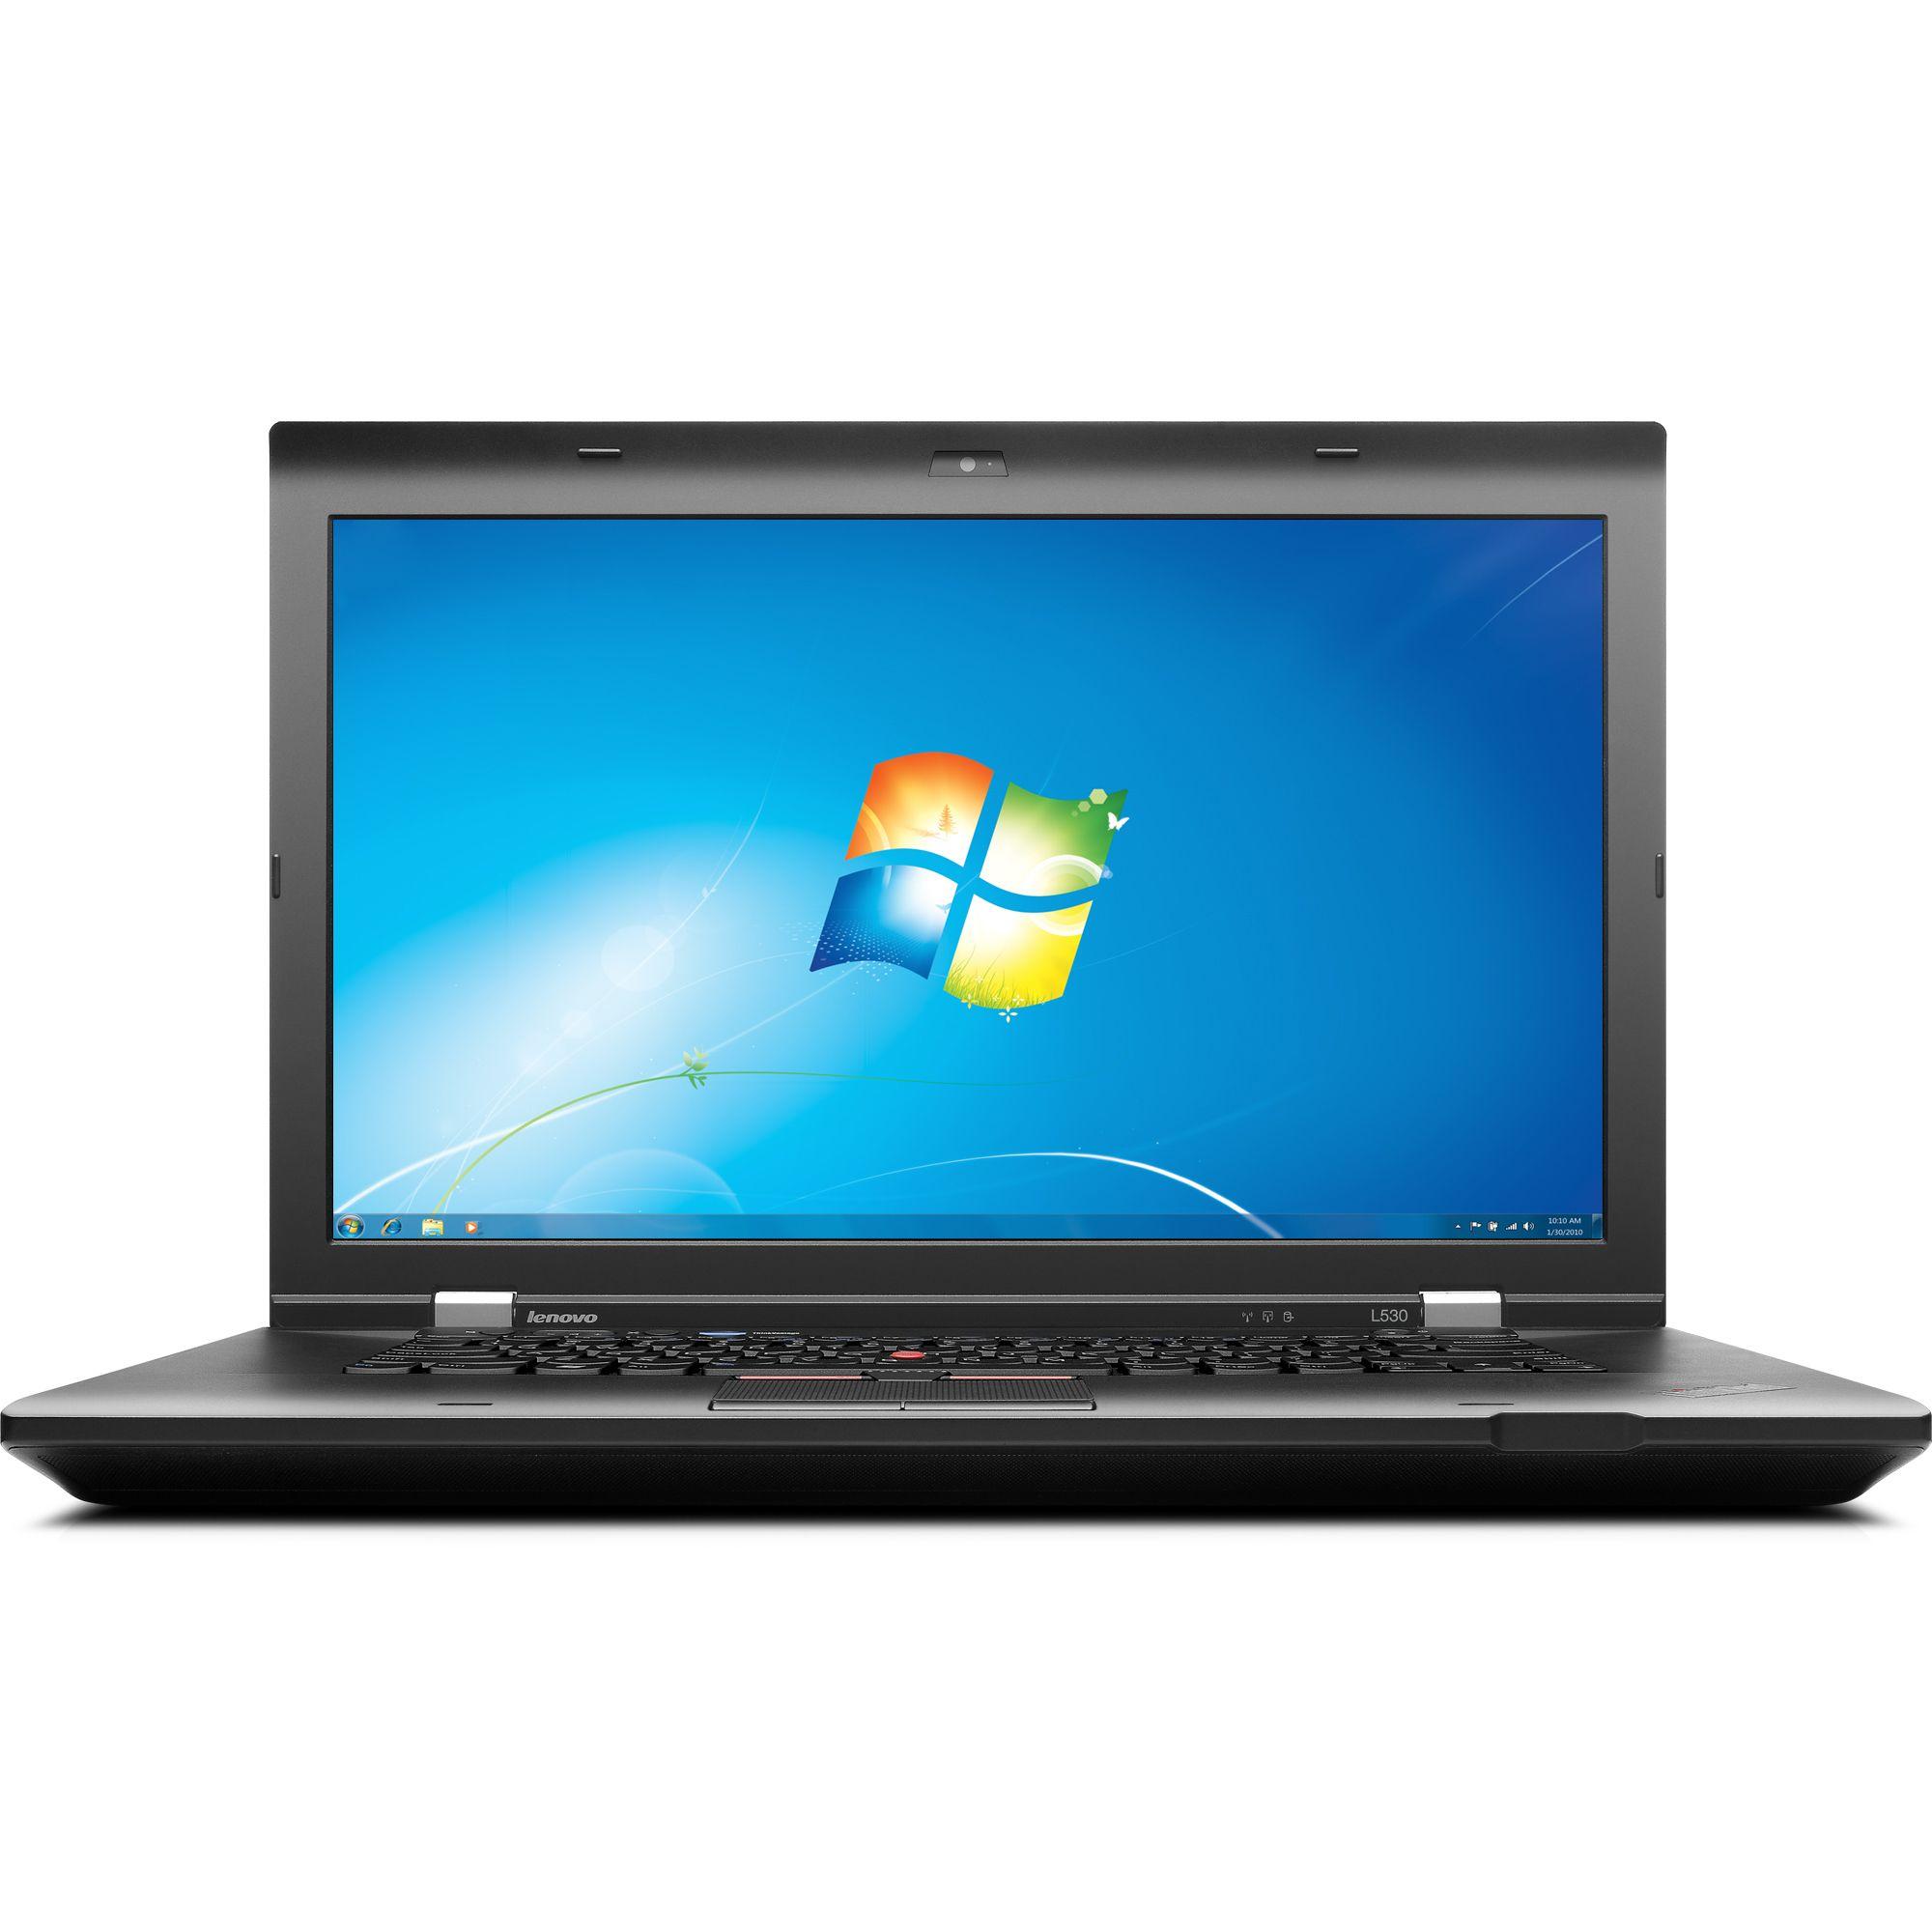 Laptop LENOVO ThinkPad L530, Intel Core i3-3110M 2.40GHz, 4GB DDR3, 120GB SSD, DVD-RW, 15.6 Inch, Webcam